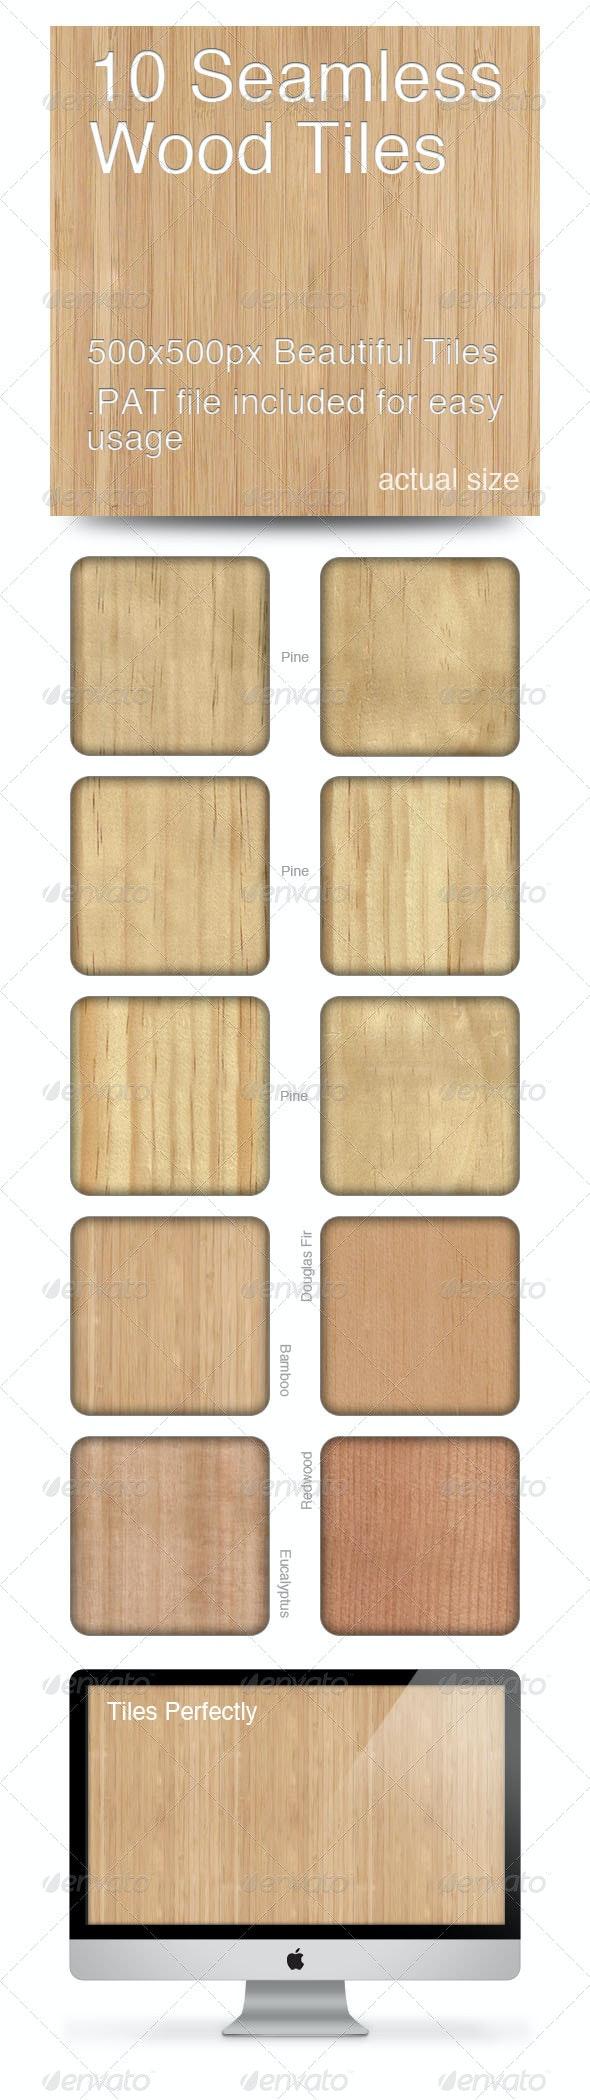 10 Seamless Wood Tiles - Wood Textures